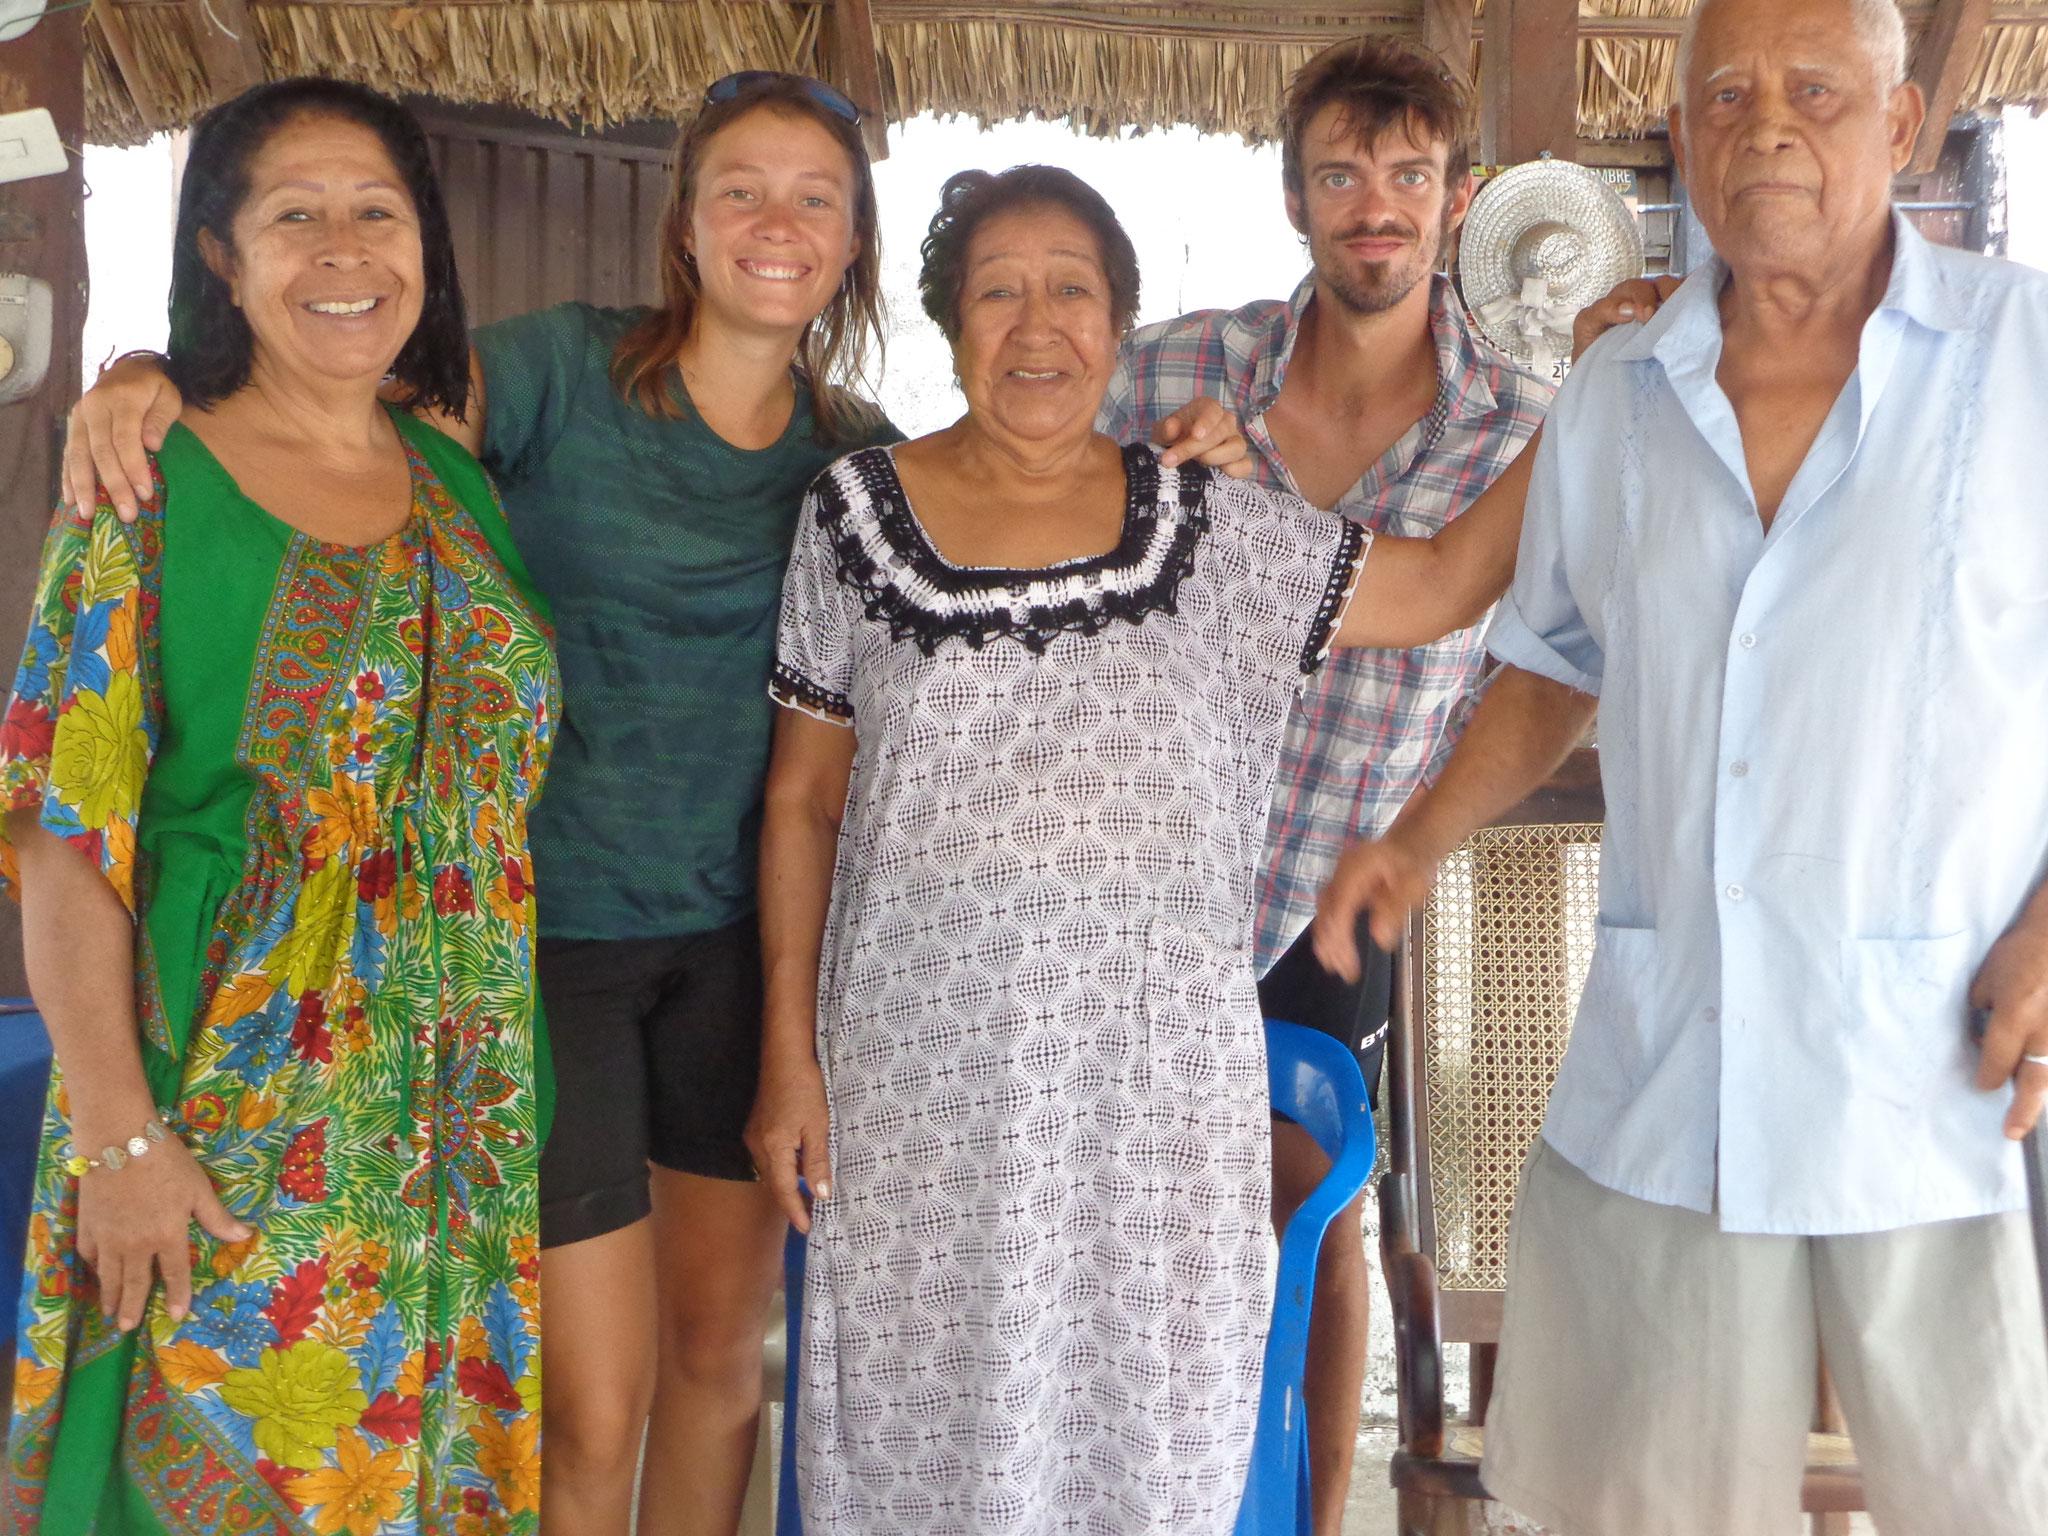 L accueil chaleureux de Maria, Anicia et Carlos